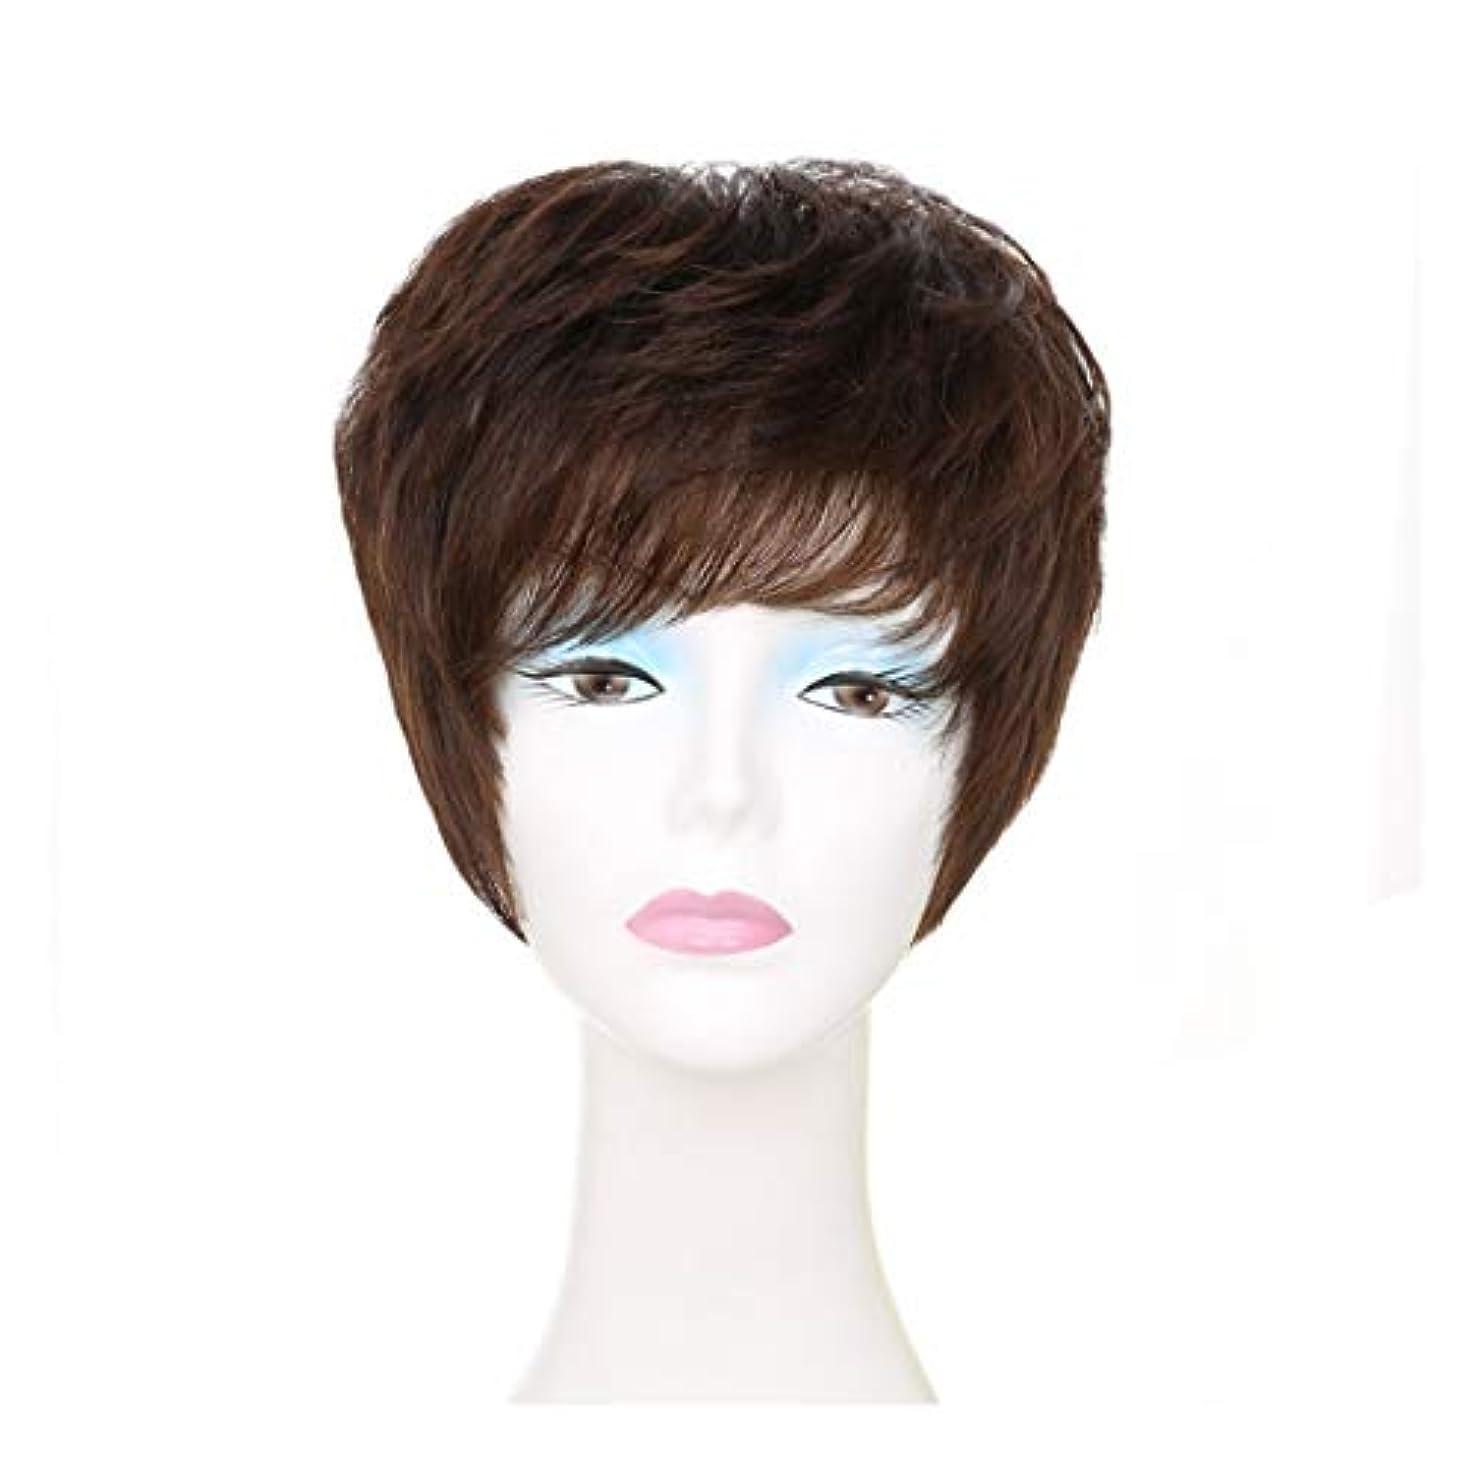 打撃バイパスシャットYOUQIU 女子ショートカーリーヘアウィッグフル?ハンド織100%実毛ワイルドウィッグウィッグ (色 : ブラウン)